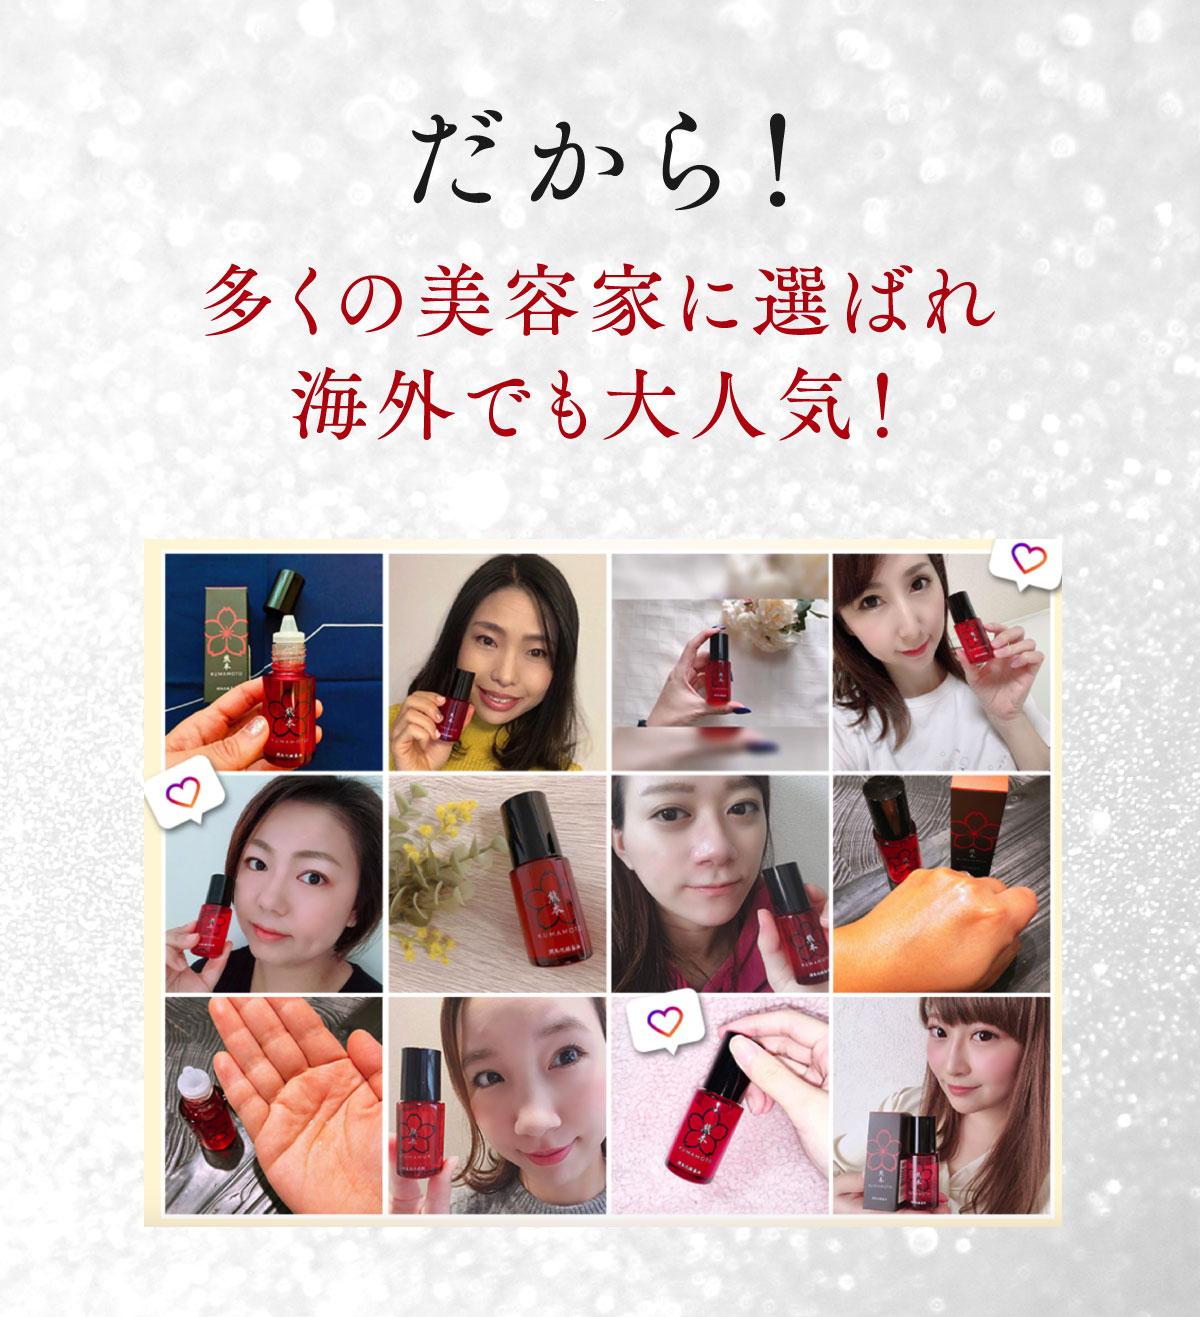 だから!多くの美容家に選ばれ海外でも大人気!